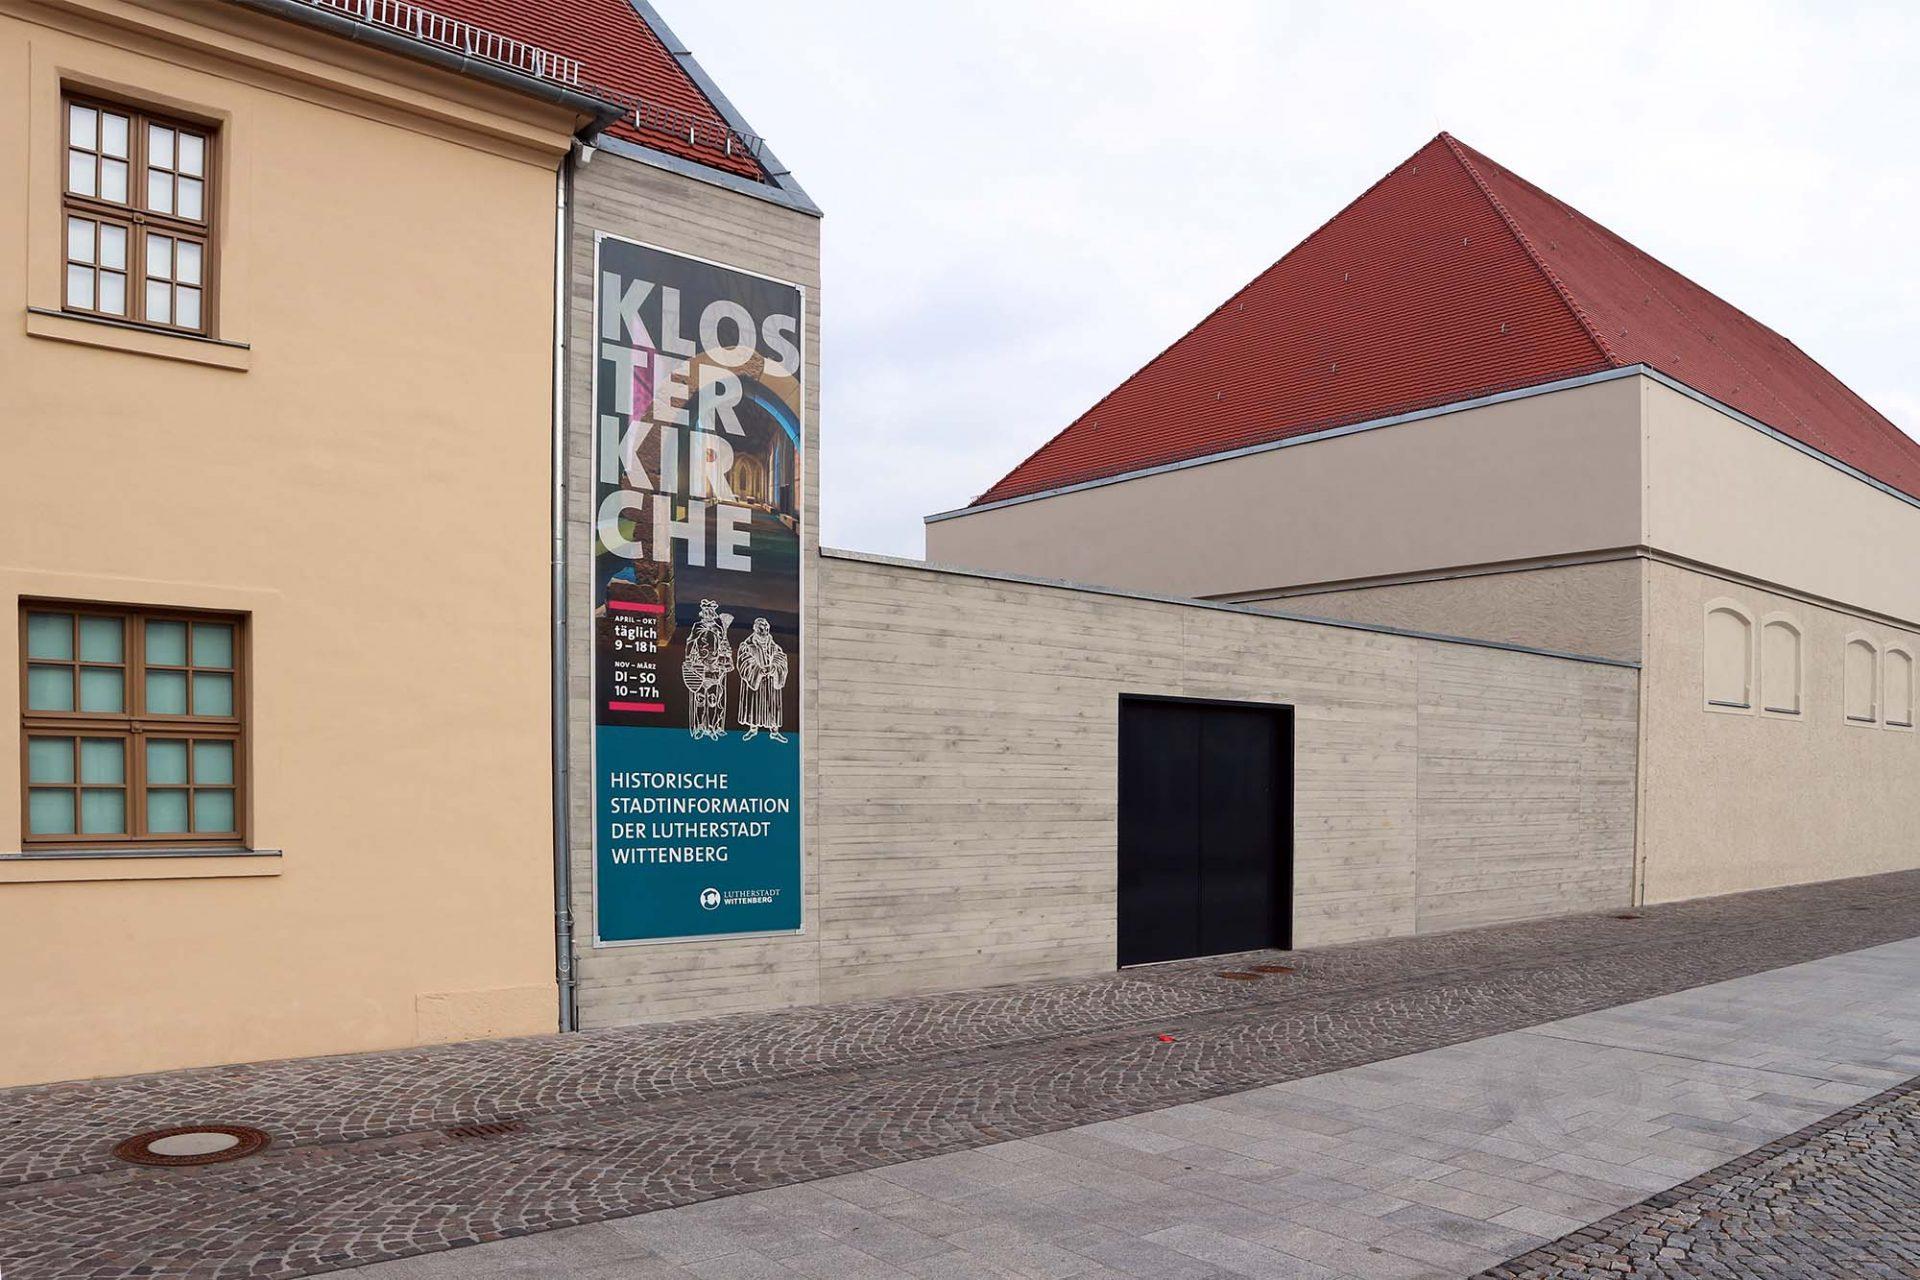 Arsenalplatz. Der Platz war lange Zeit städtisches Brachland. Auf dem Gelände des ehemaligen Franziskanerklosters am Rande der nördlichen Stadtmauer entstanden kürzlich die Historische und Zentrale Stadtinformation, das Ratsarchiv und das Stadthaus mit Konferenz- und Festsaal. Entworfen wurde es von Prof. Ralf Niebergall aus Magdeburg. Für die Ausführung waren bc Architekten + Ingenieure aus Wittenberg zuständig.